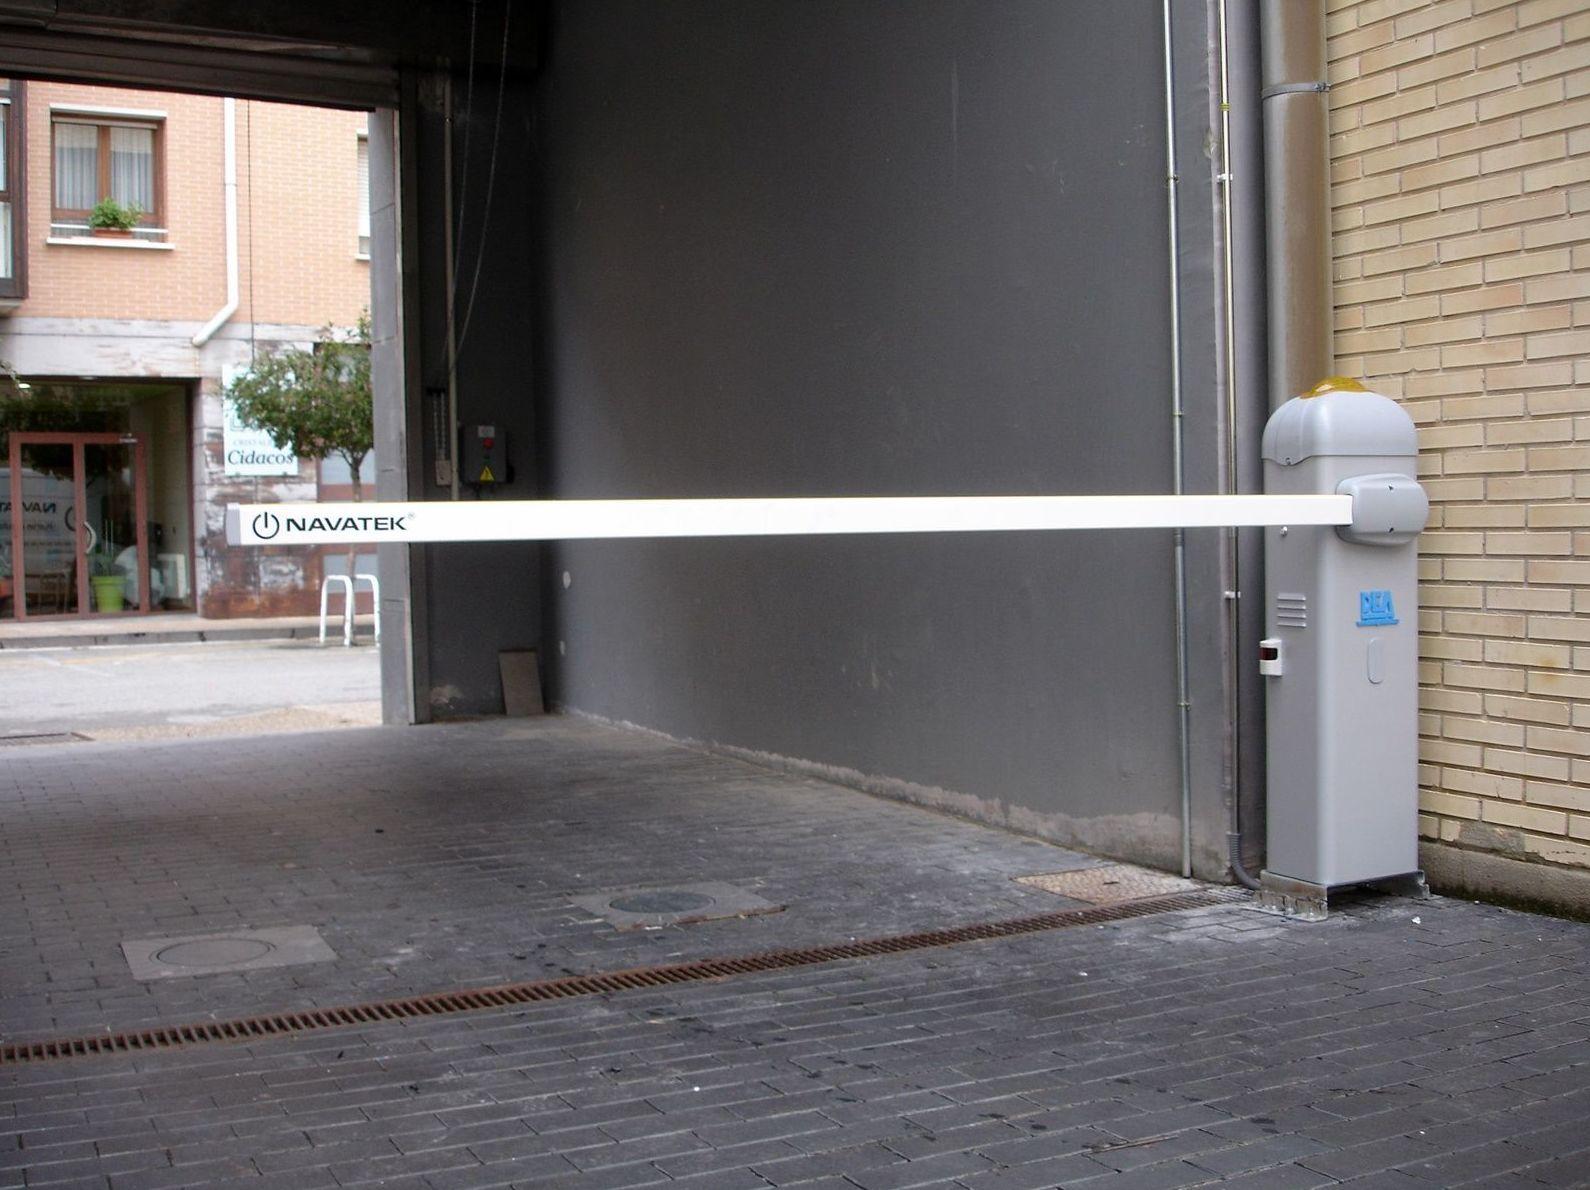 Foto 33 de Puertas automáticas en Olite | Navatek Puertas Automáticas SL